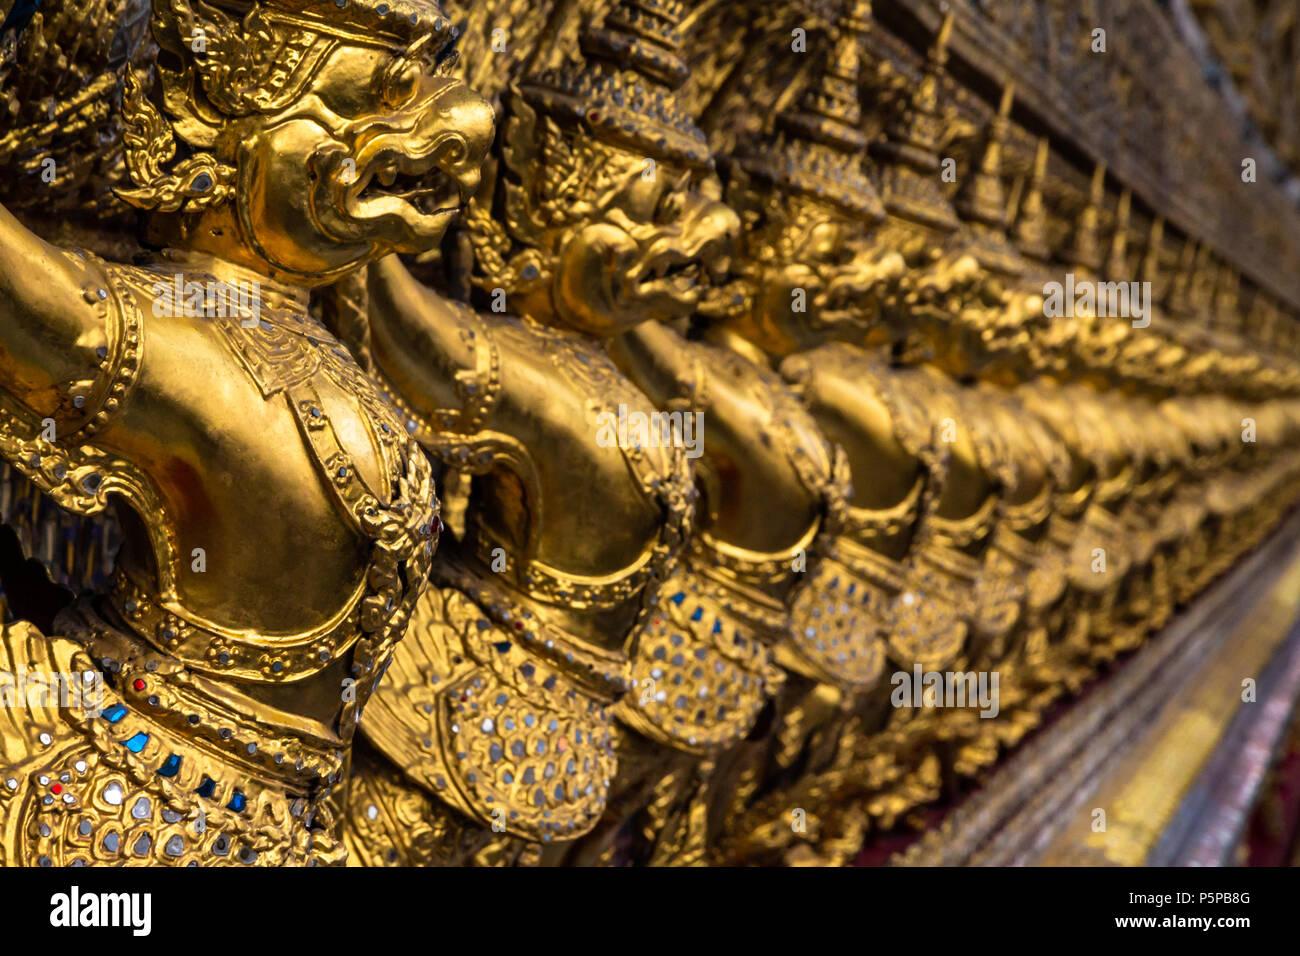 Fila di golden Garuda figure dalla mitologia tailandese, che decorano gli interni di Wat Phra Kaew (il Tempio del Buddha di Smeraldo). Situato al Grand Palace, Immagini Stock